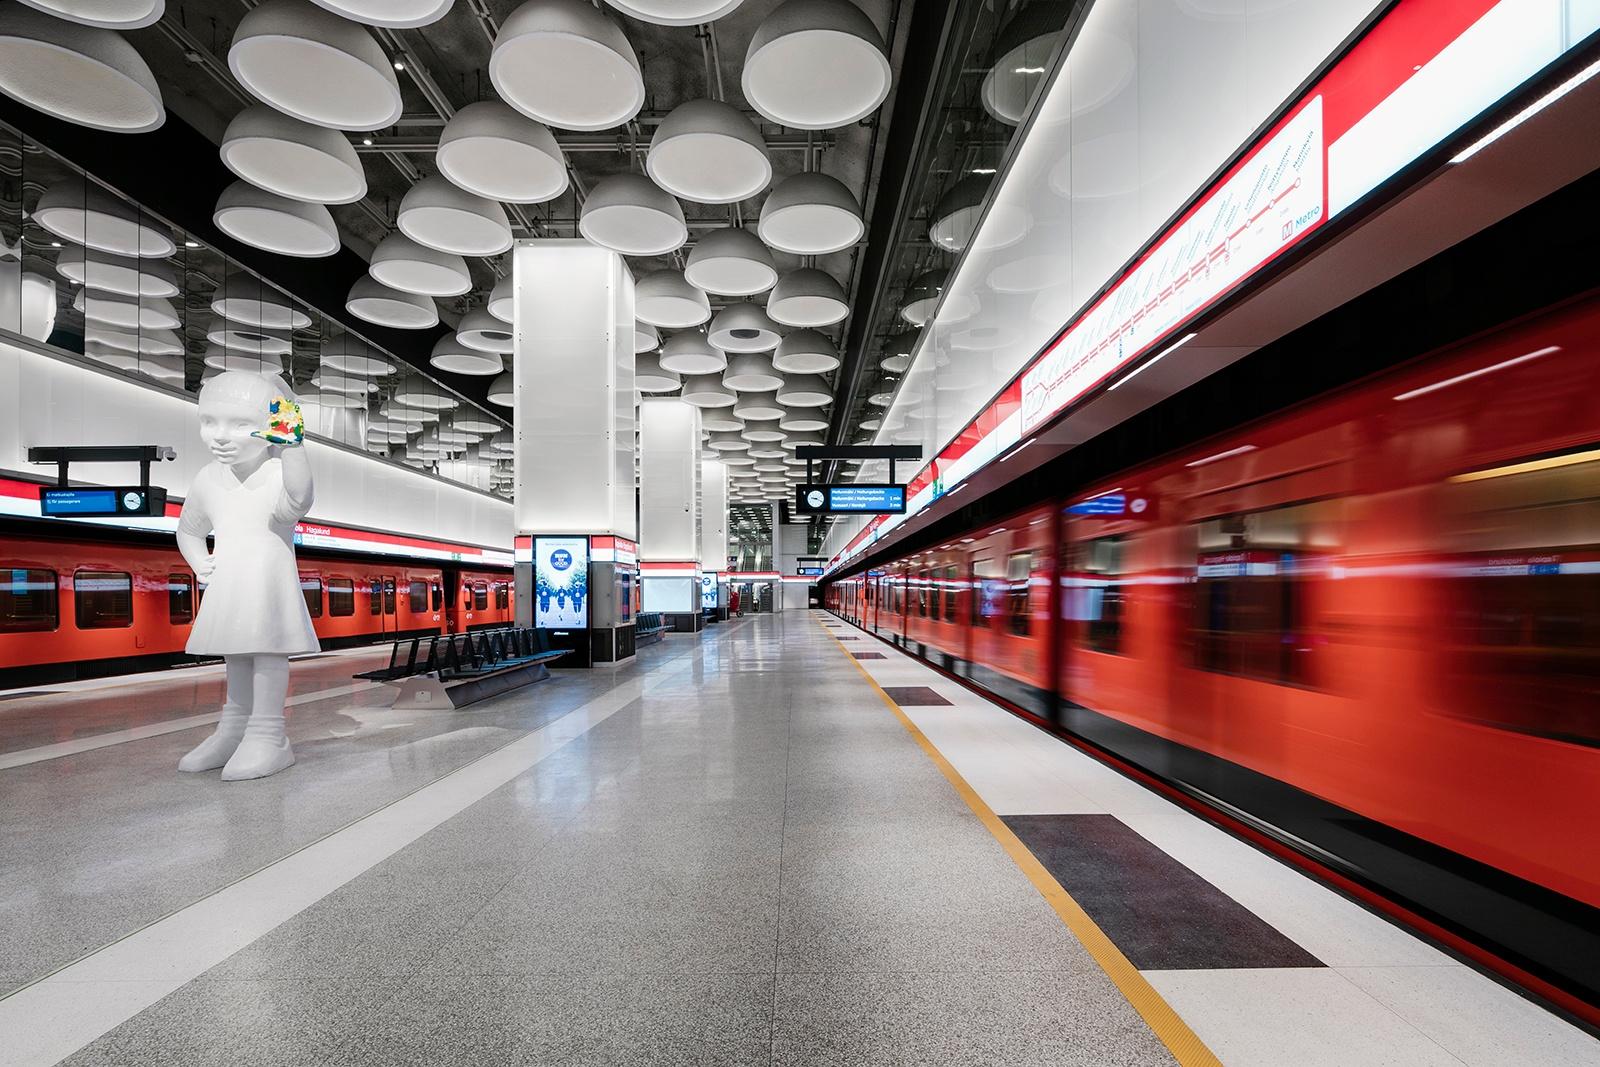 Helsinki+Metro+Station+Tapiola+by+Kuvio+Oy_1600